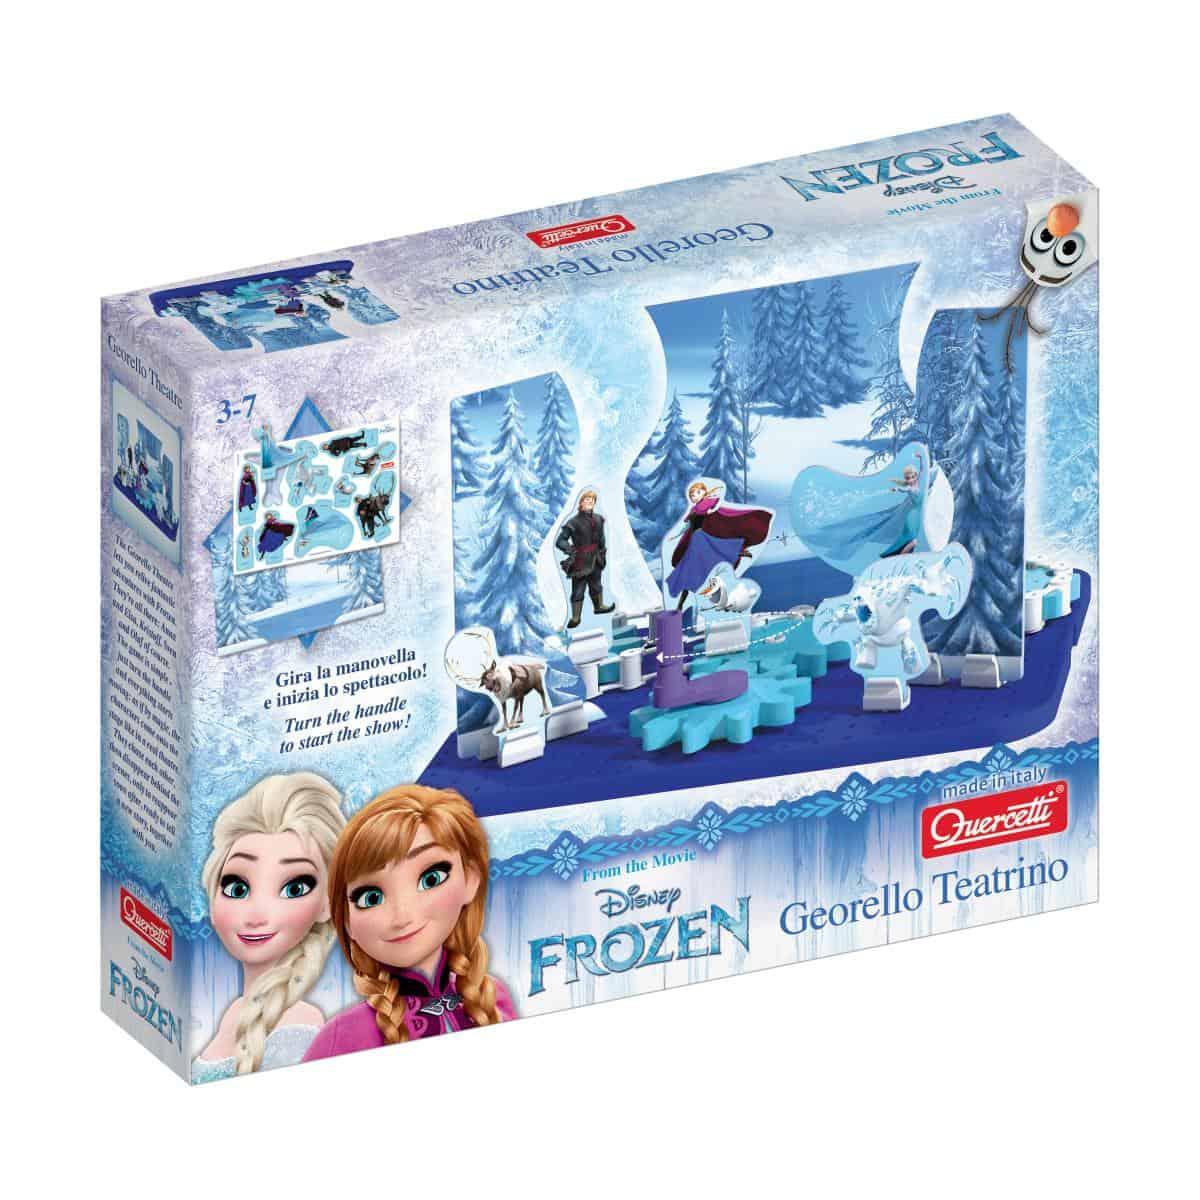 La magia di Frozen per il Natale Quercetti